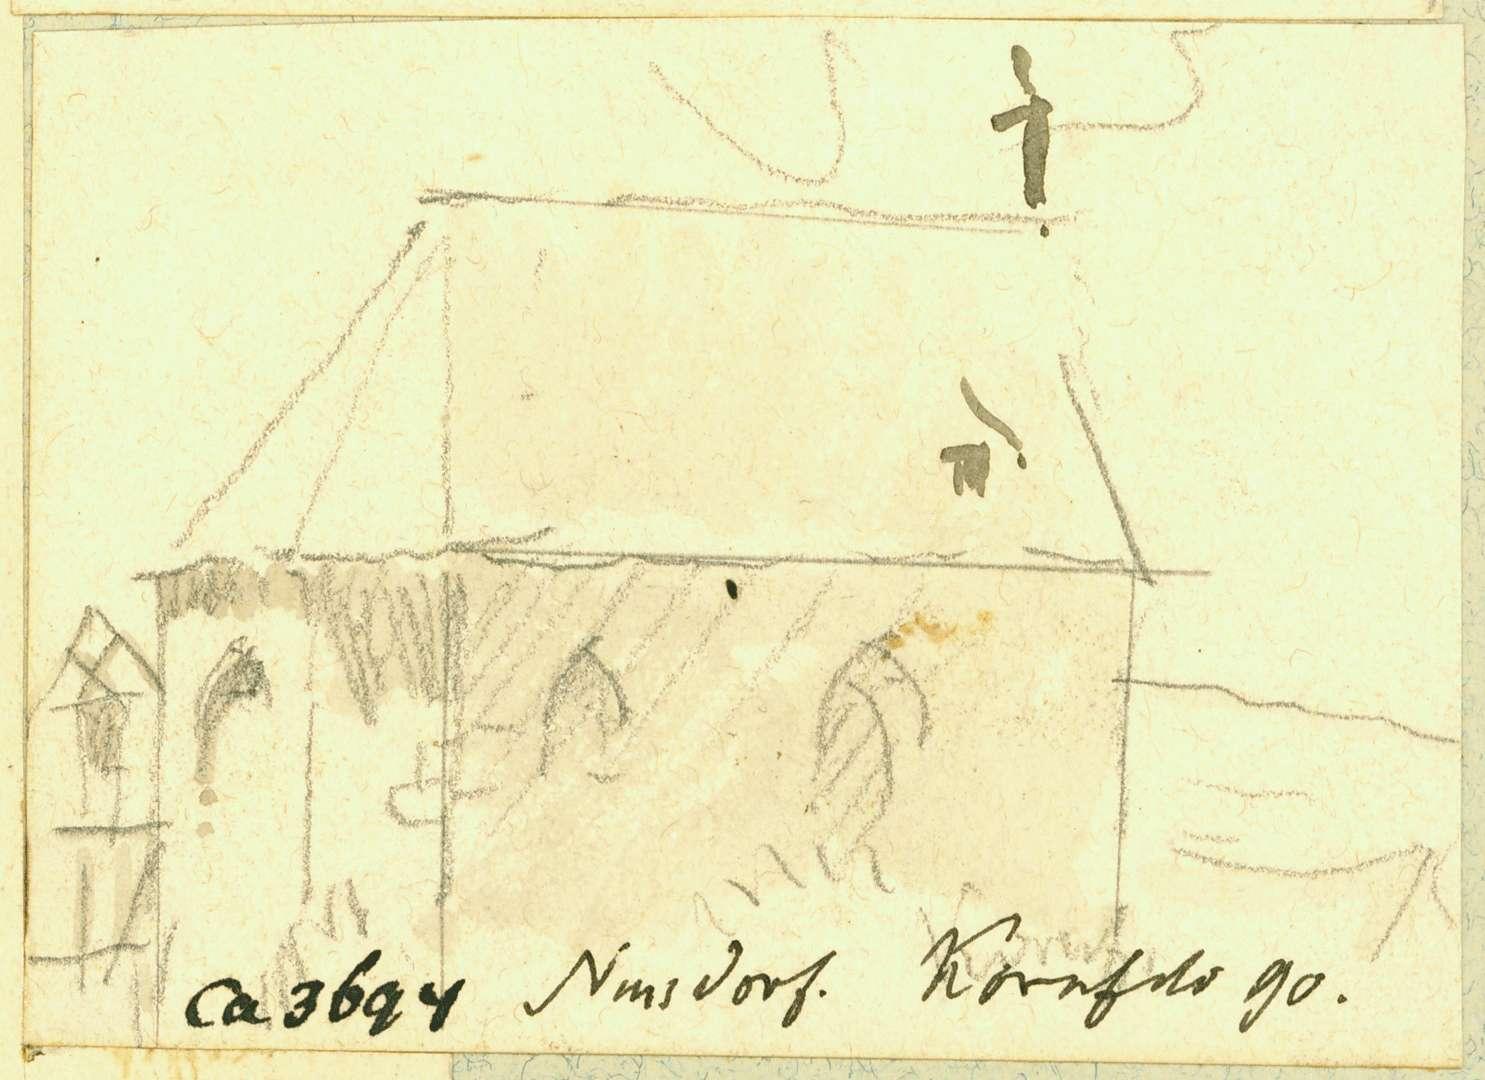 Nußdorf Kapelle in seitlicher Ansicht, Bild 1